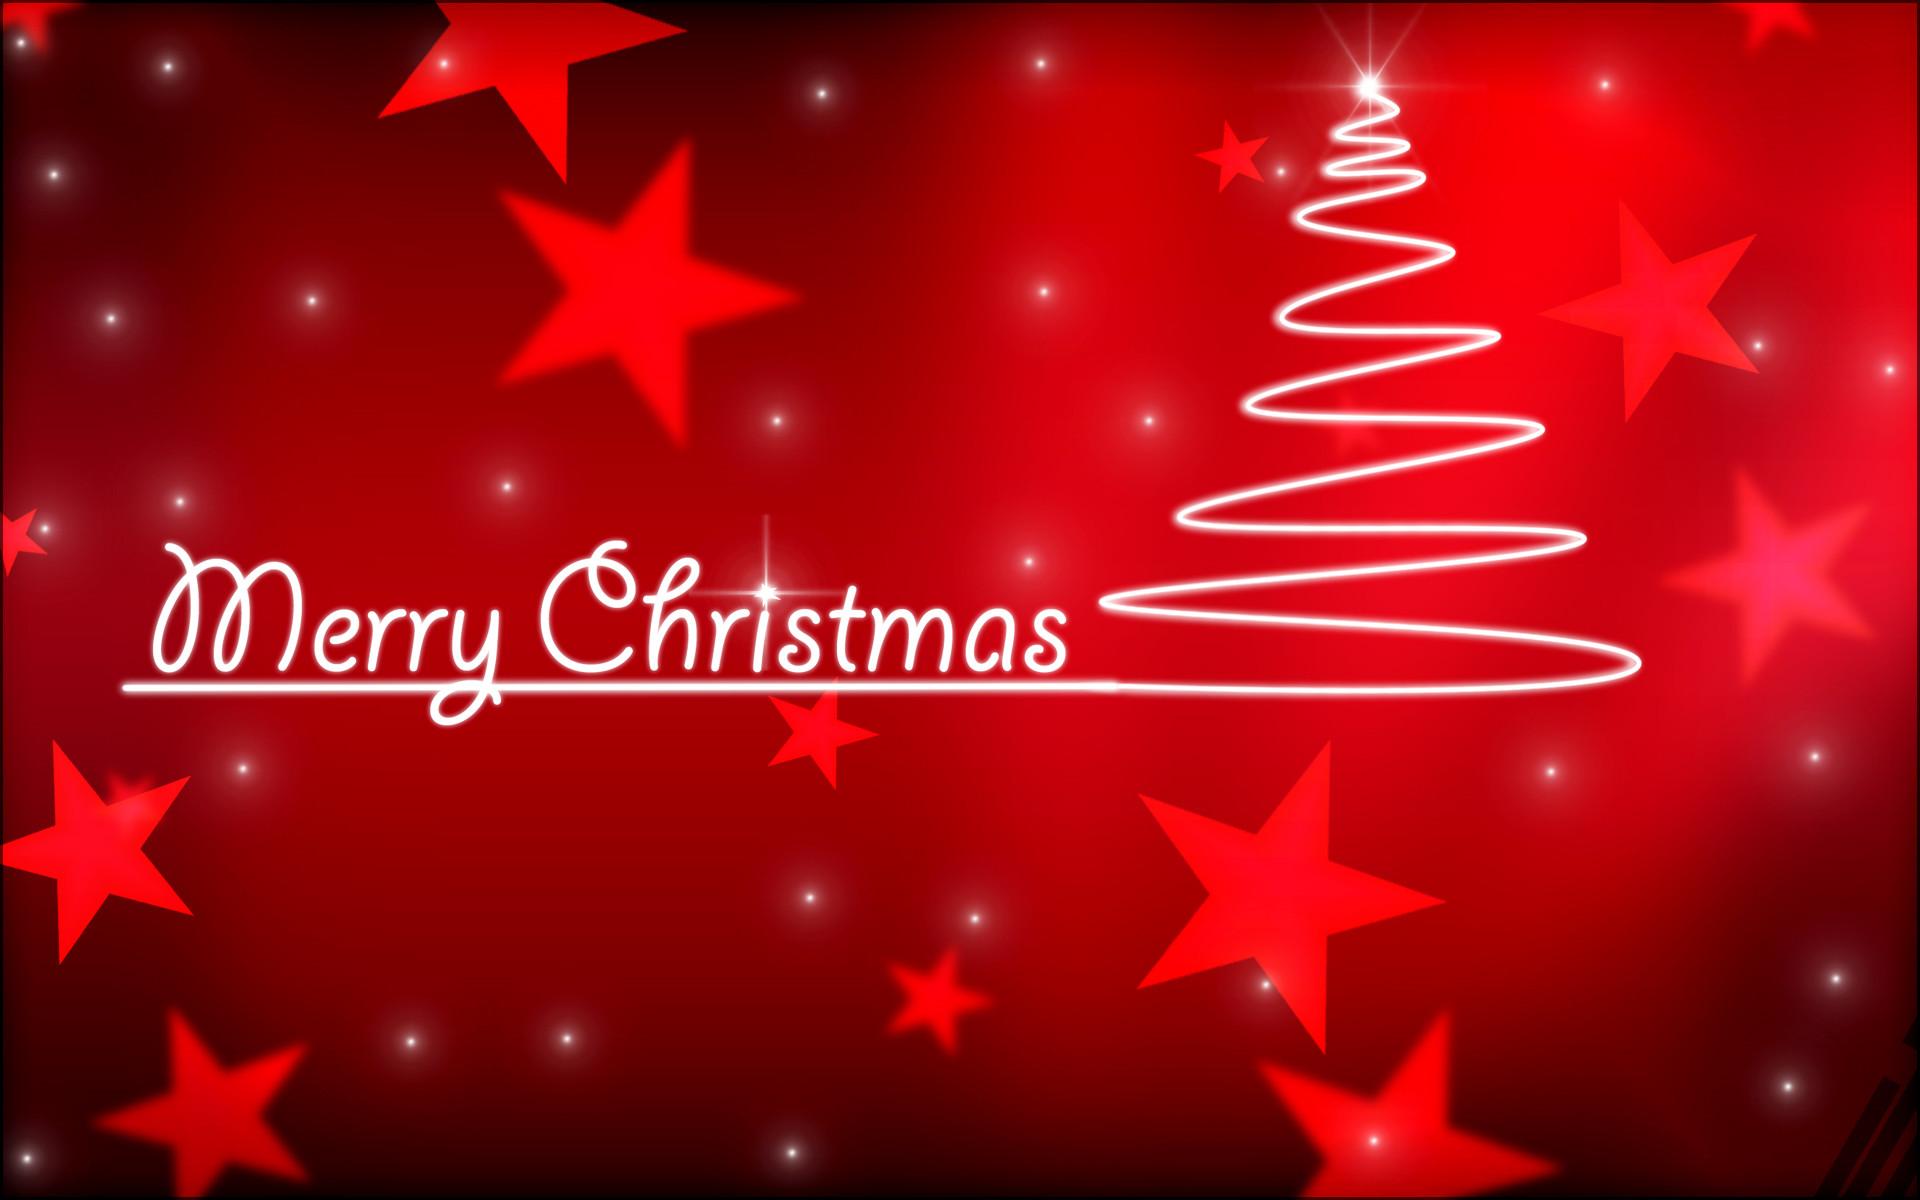 Merry Christmas Widescreen Wallpaper 1920×1200